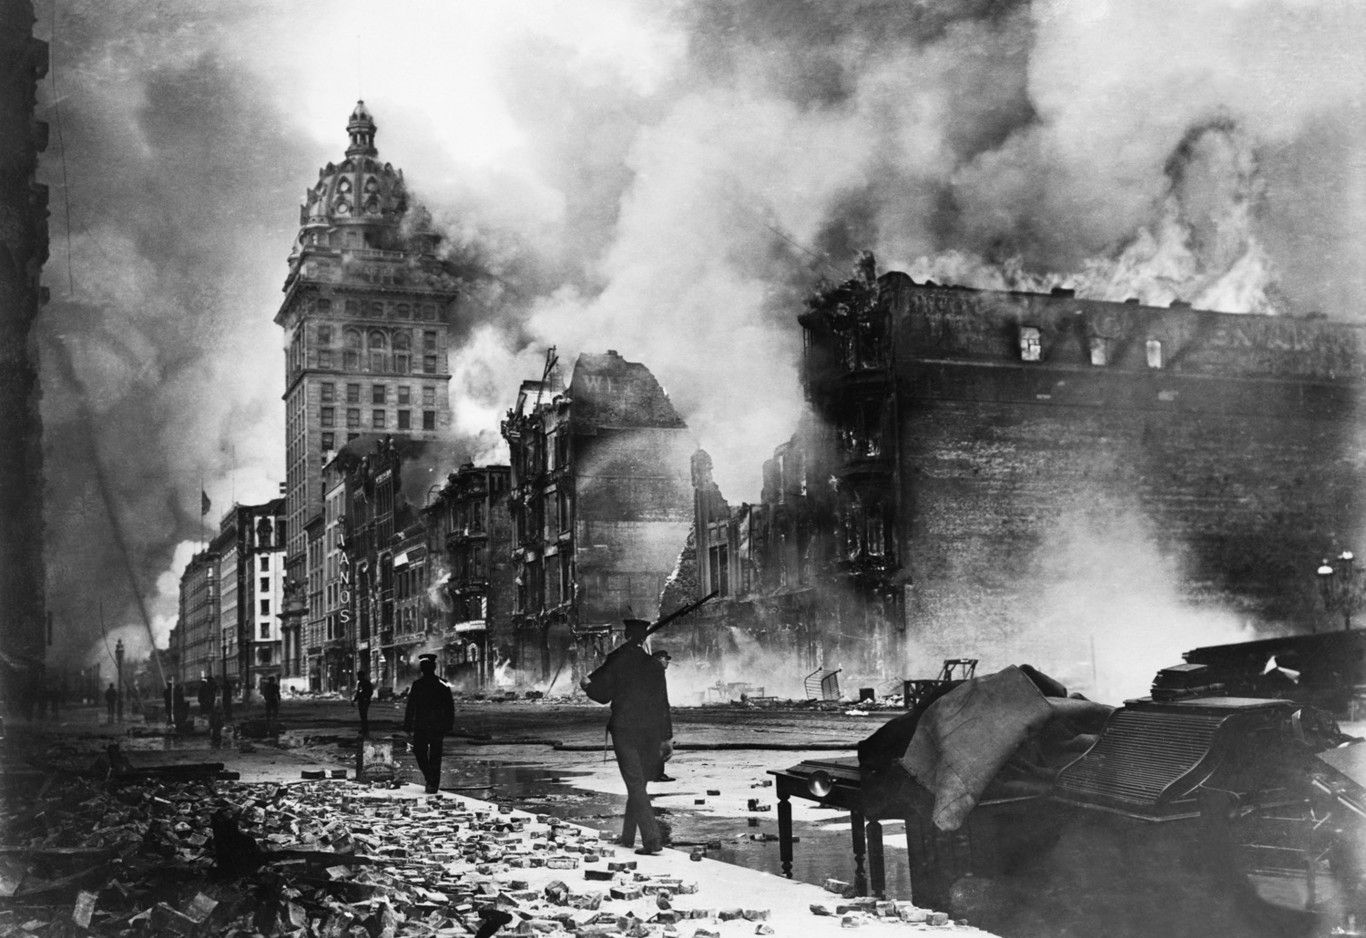 18 de abril de 1906, un terremoto de magnitud 7.8 se produjo en las inmediaciones del centro de la ciudad de San Francisco.